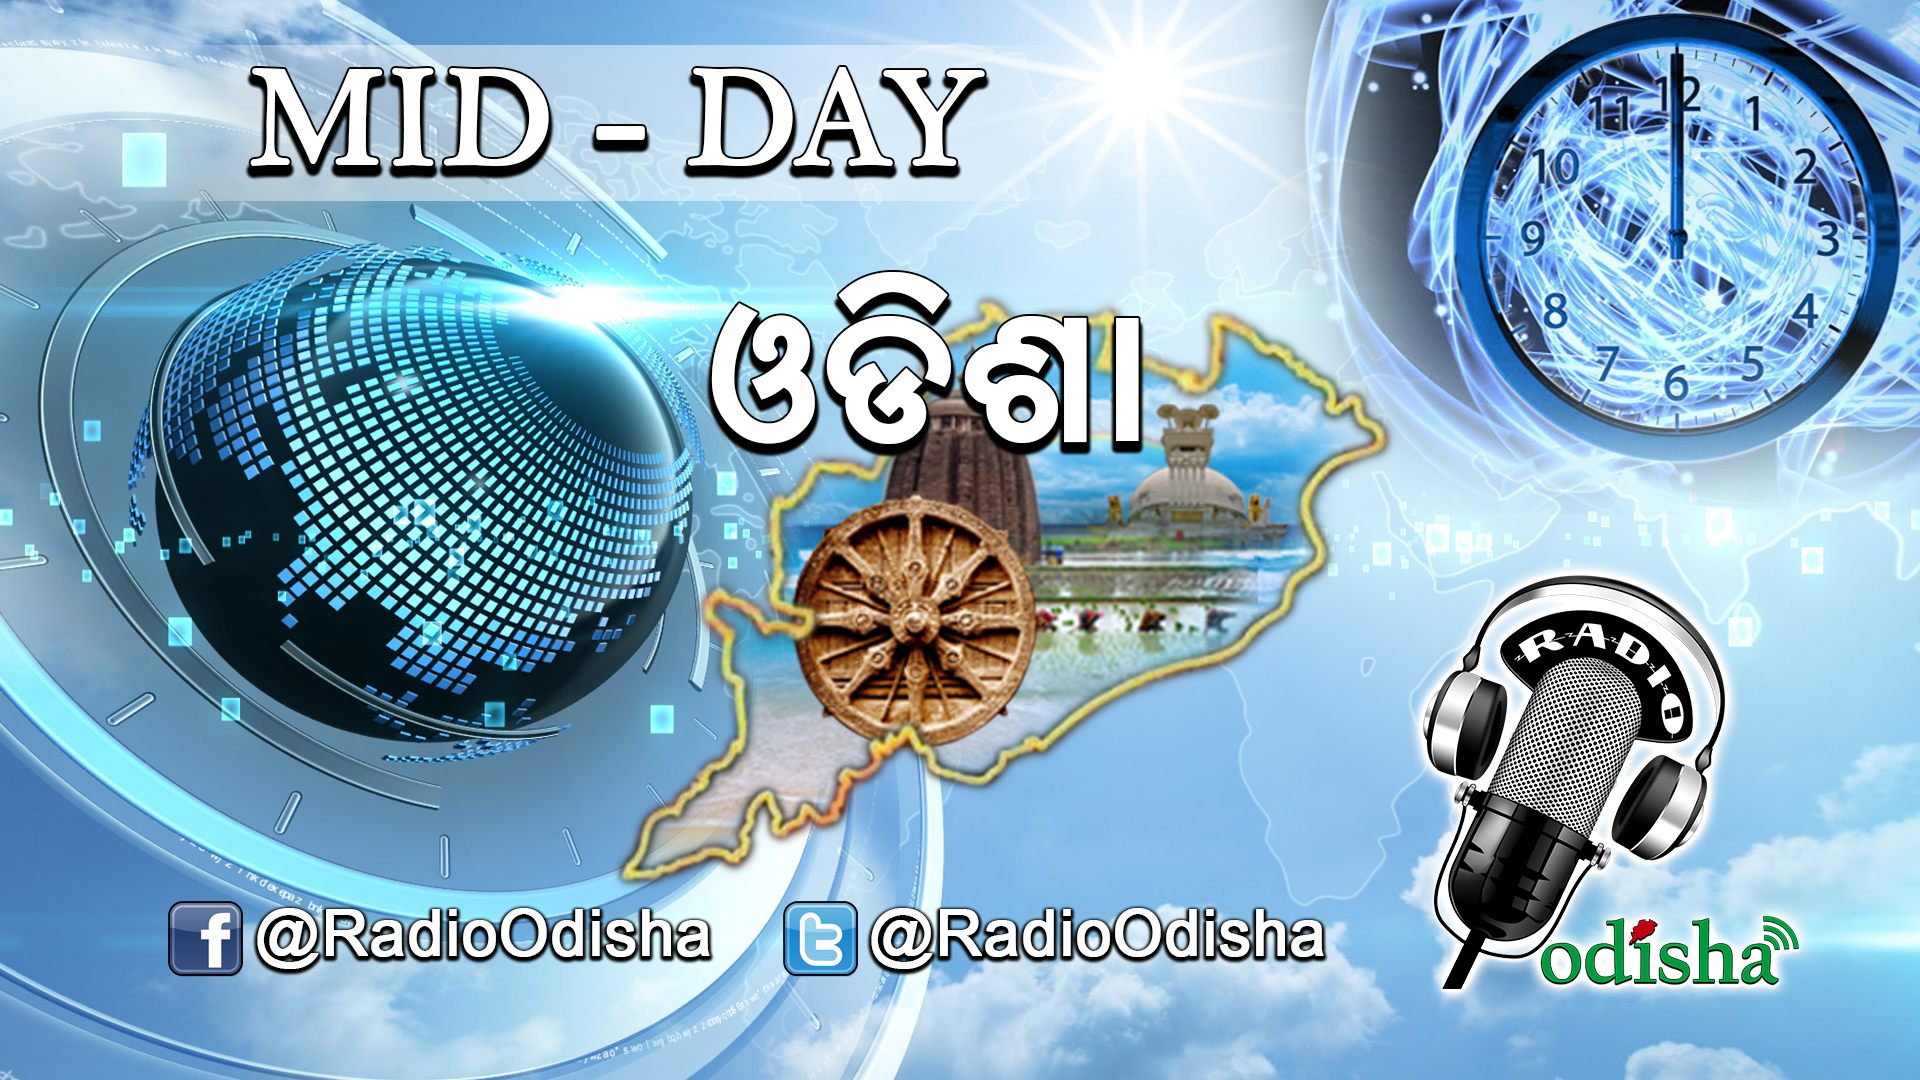 Radio Odisha Mid-Day News